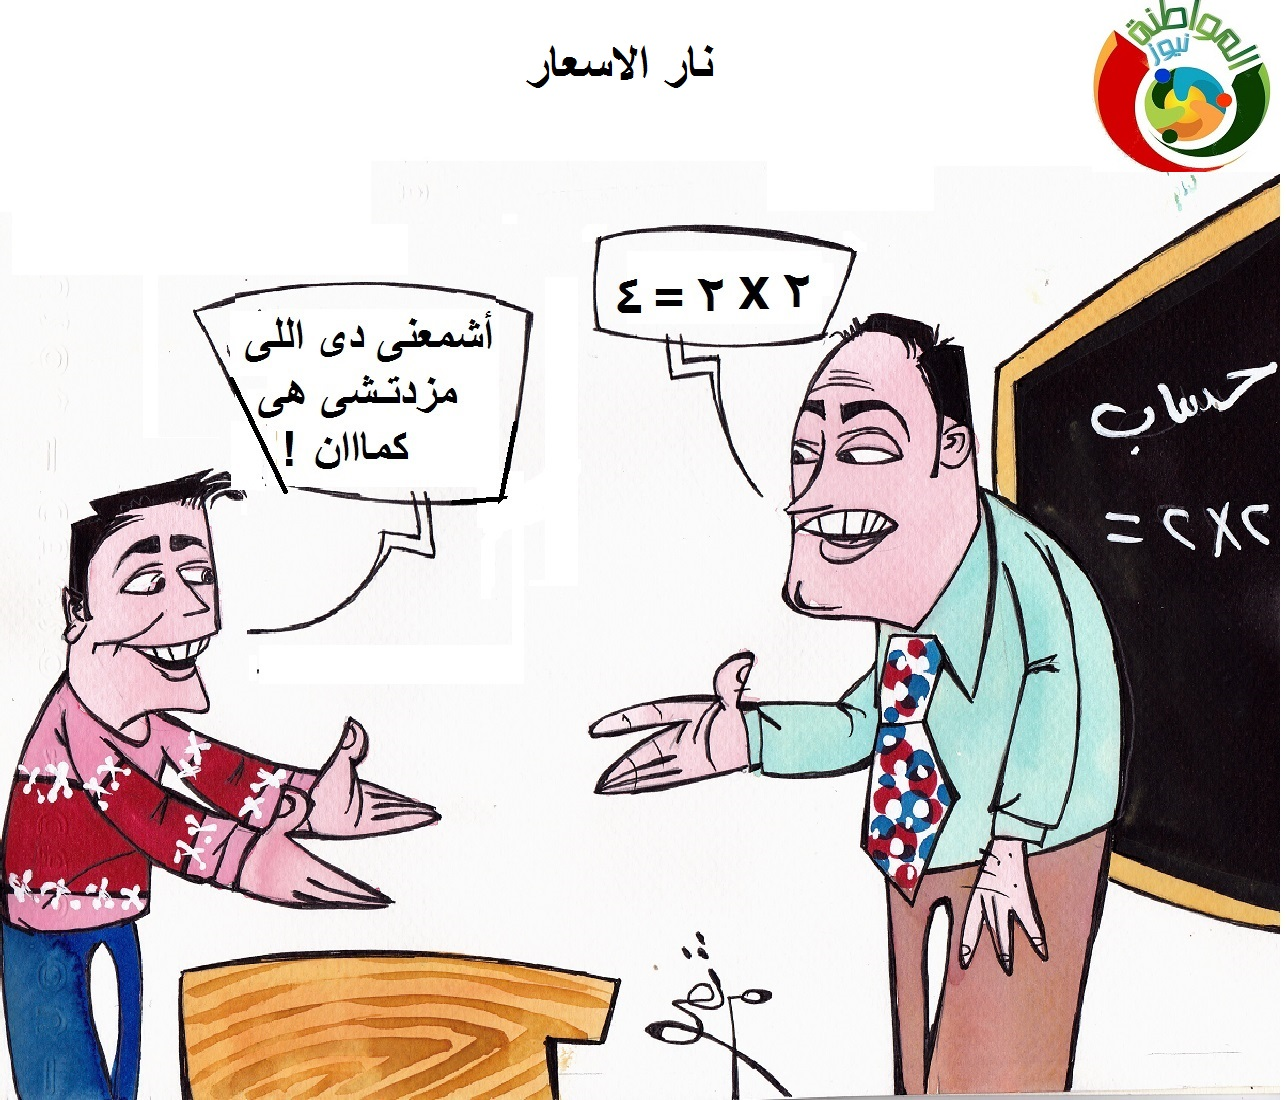 كاريكاتير المواطنة نيوز01951..